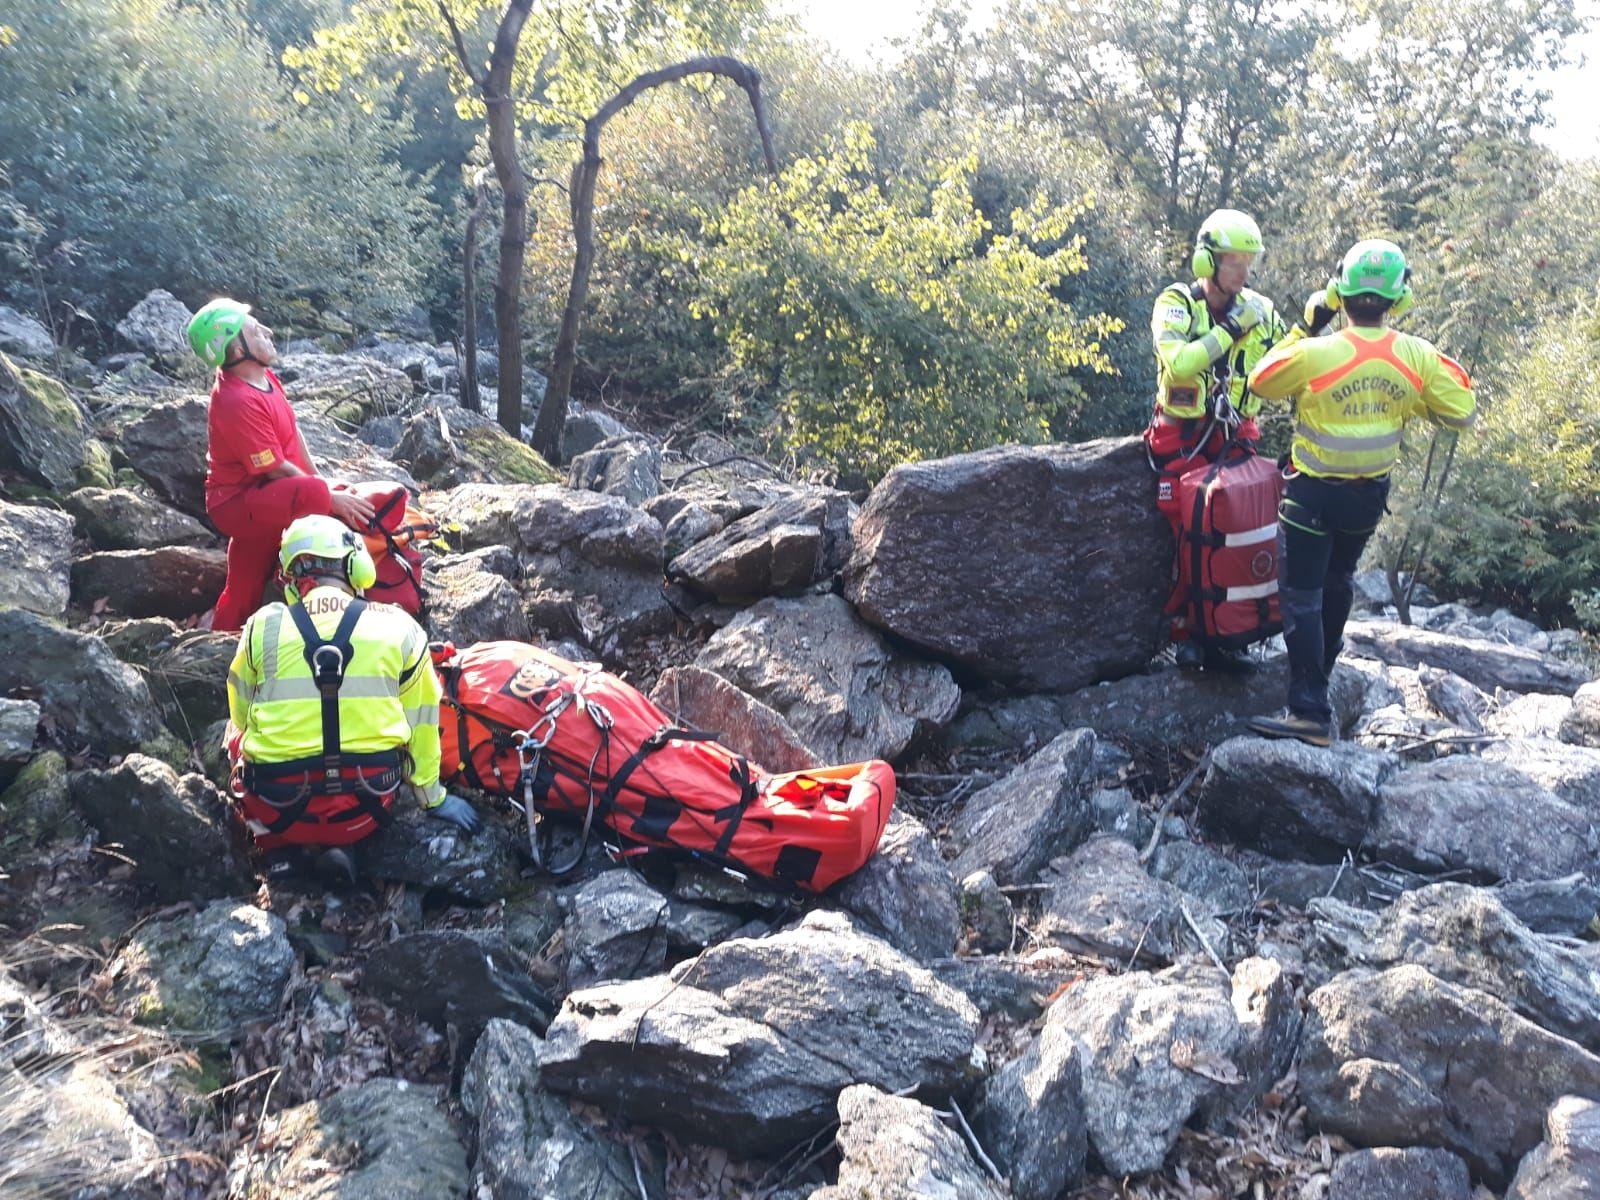 ALPETTE-PRATIGLIONE - Due cercatori di funghi feriti tra i boschi: salvati dal soccorso alpino - FOTO